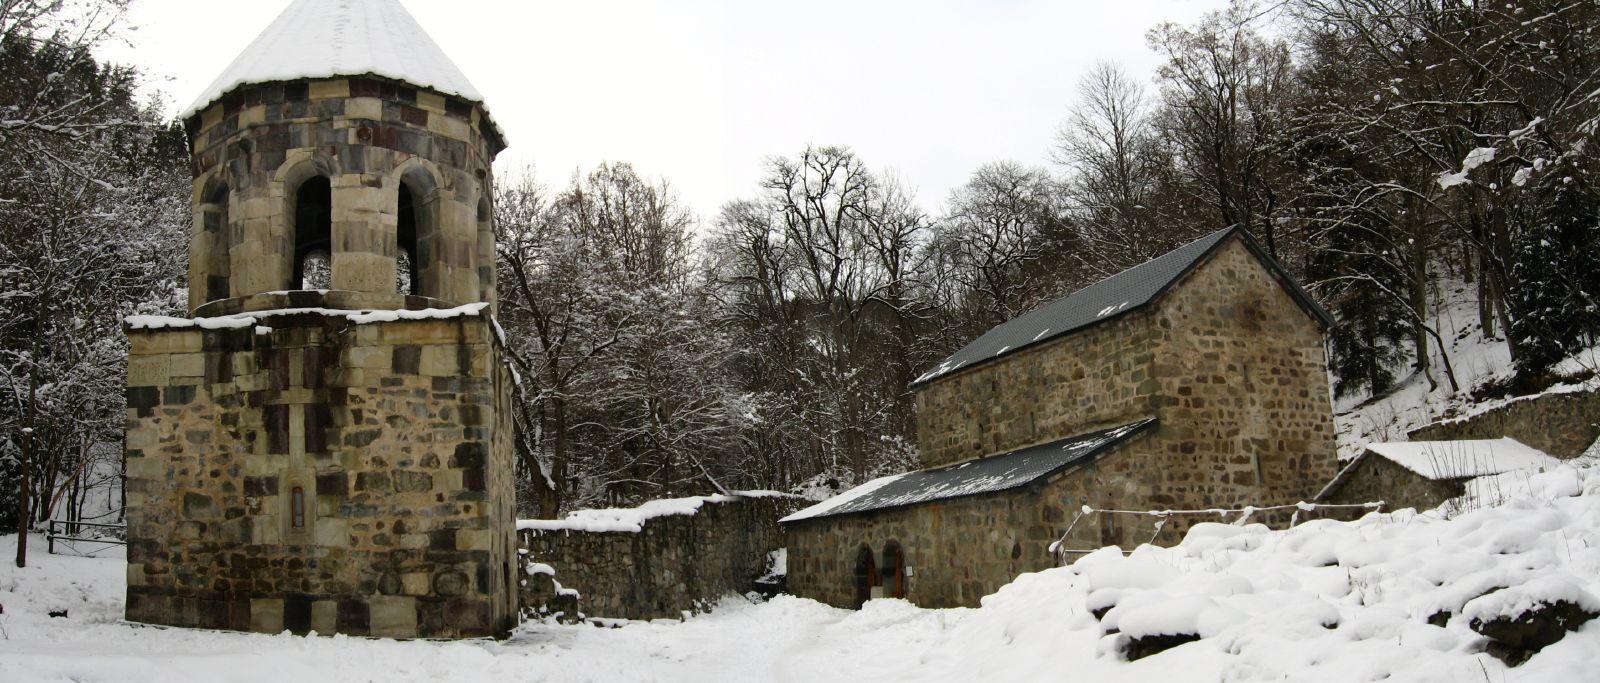 Зеленый монастырь в Боржоми зимой